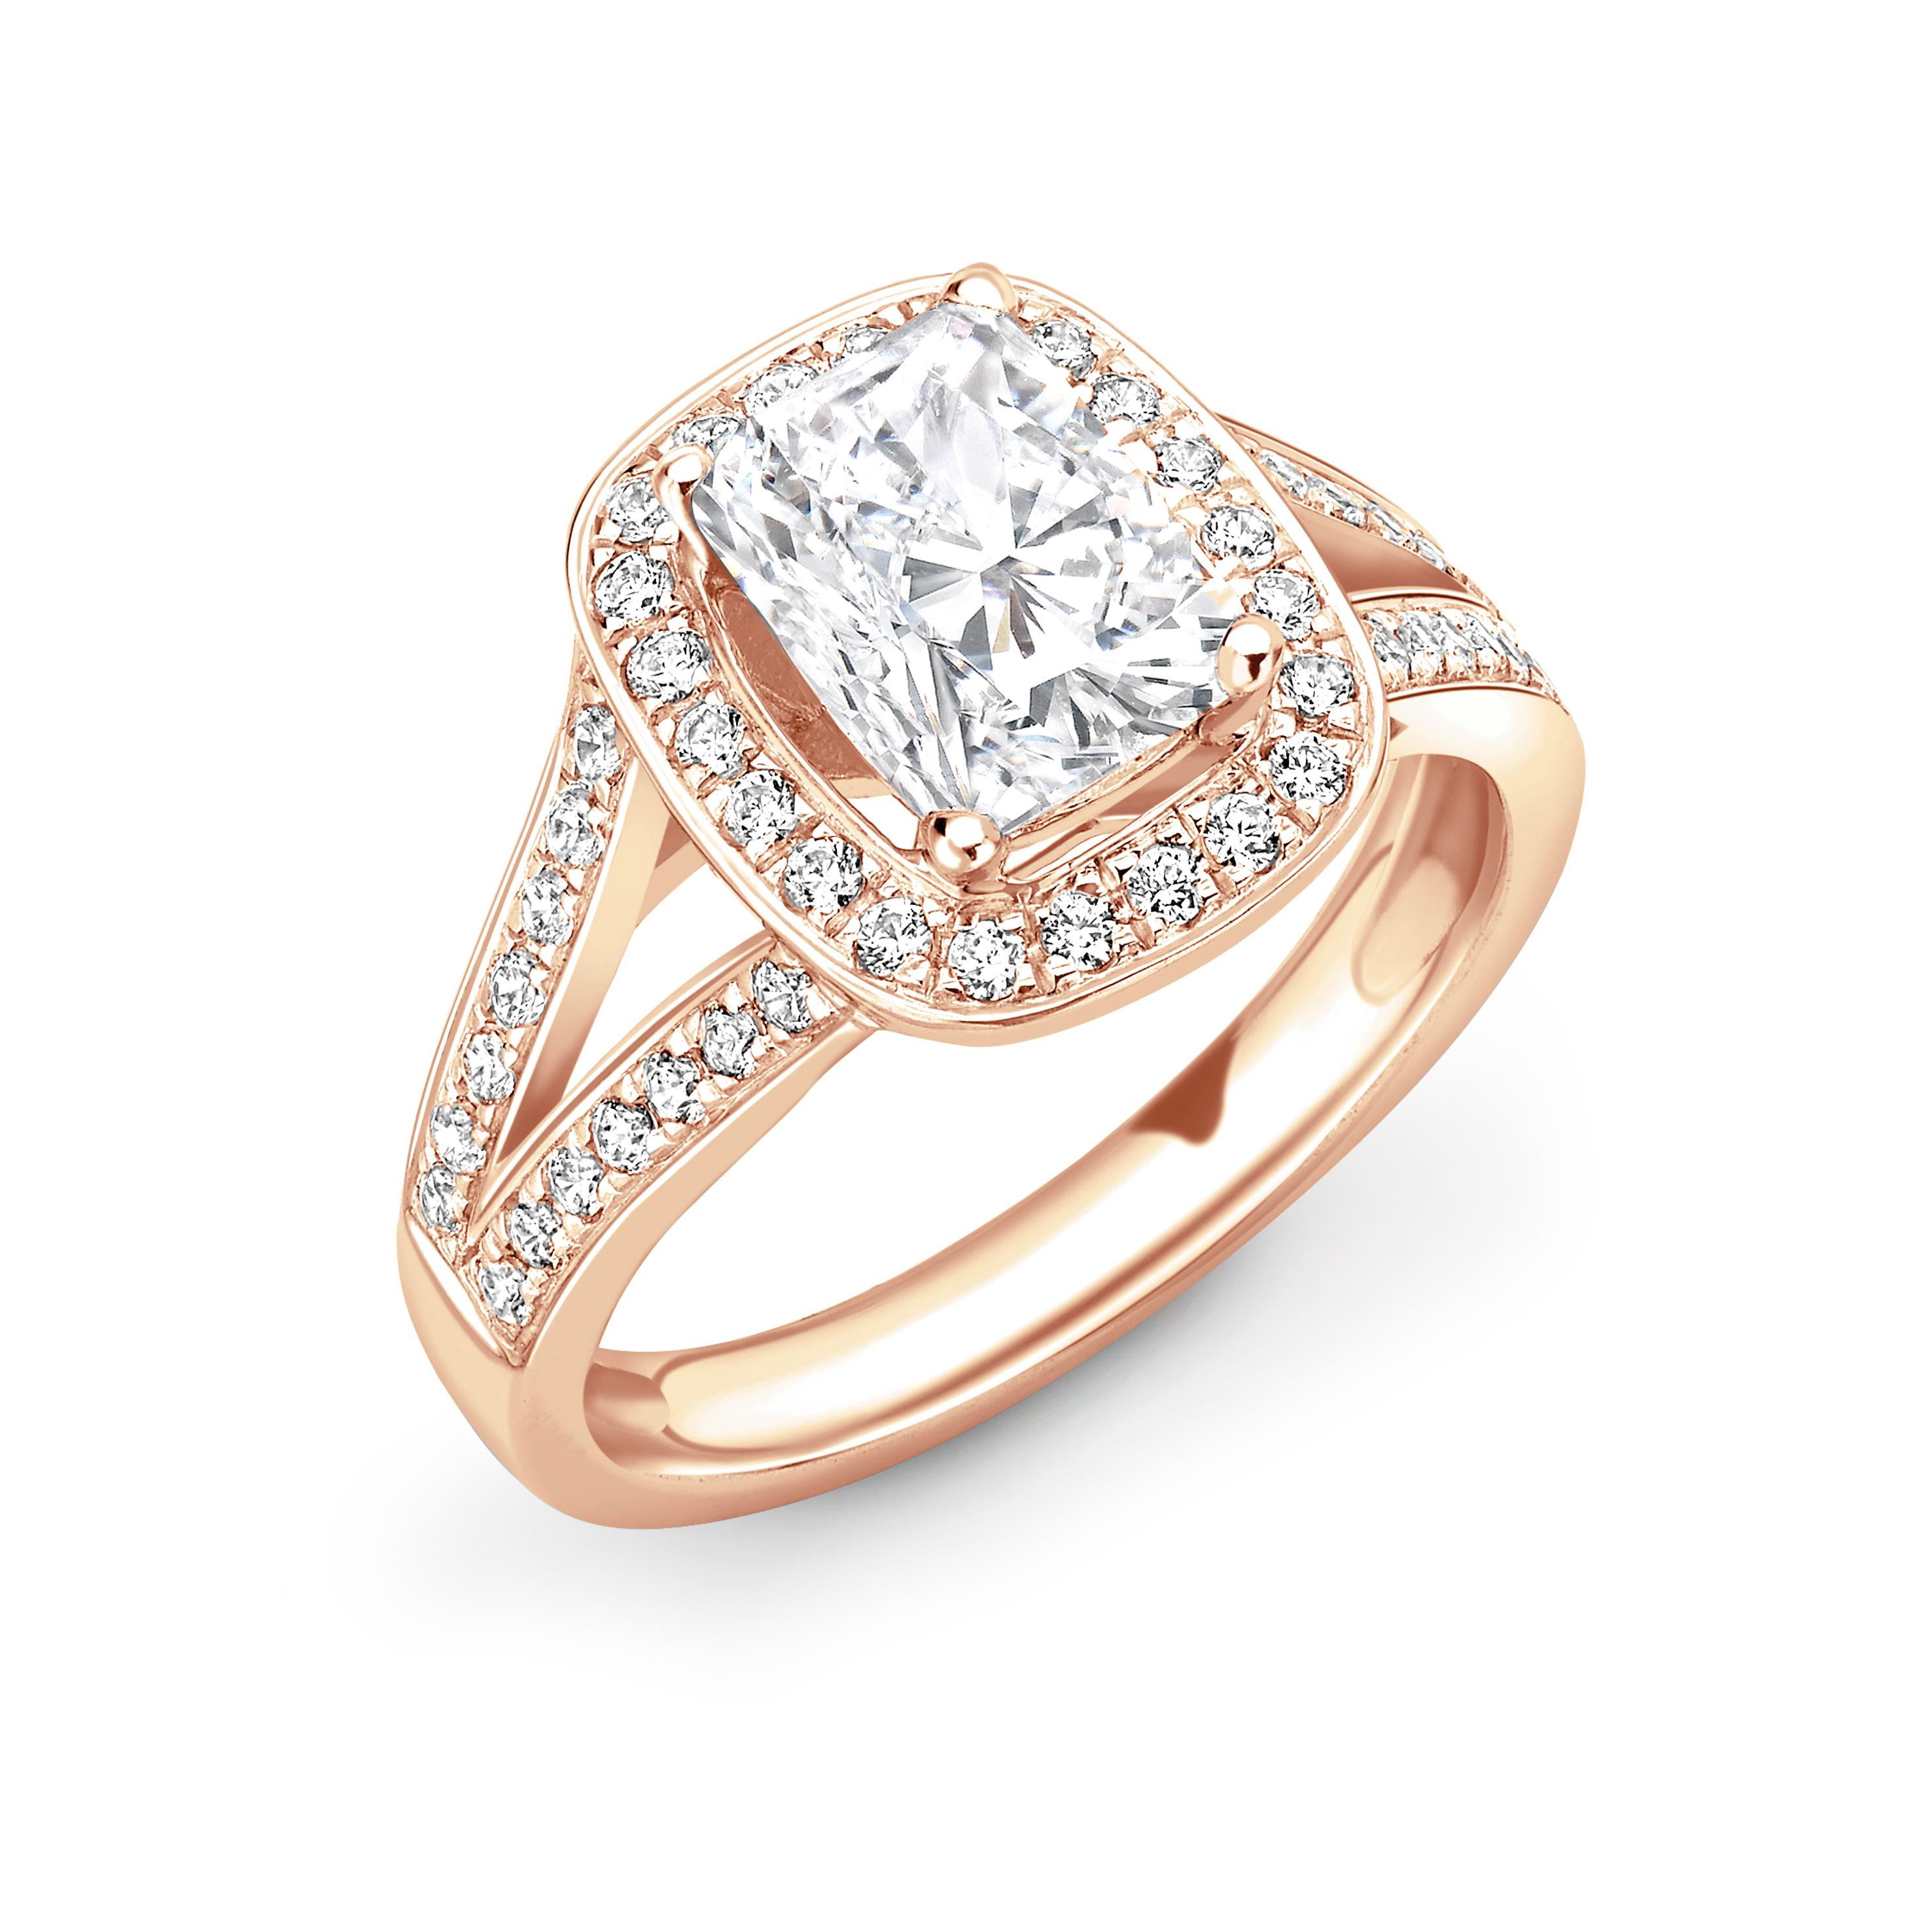 4 Prong Setting Radiant Shape 2 Raw Pave Set Shoulder Halo Diamond Engagement Rings